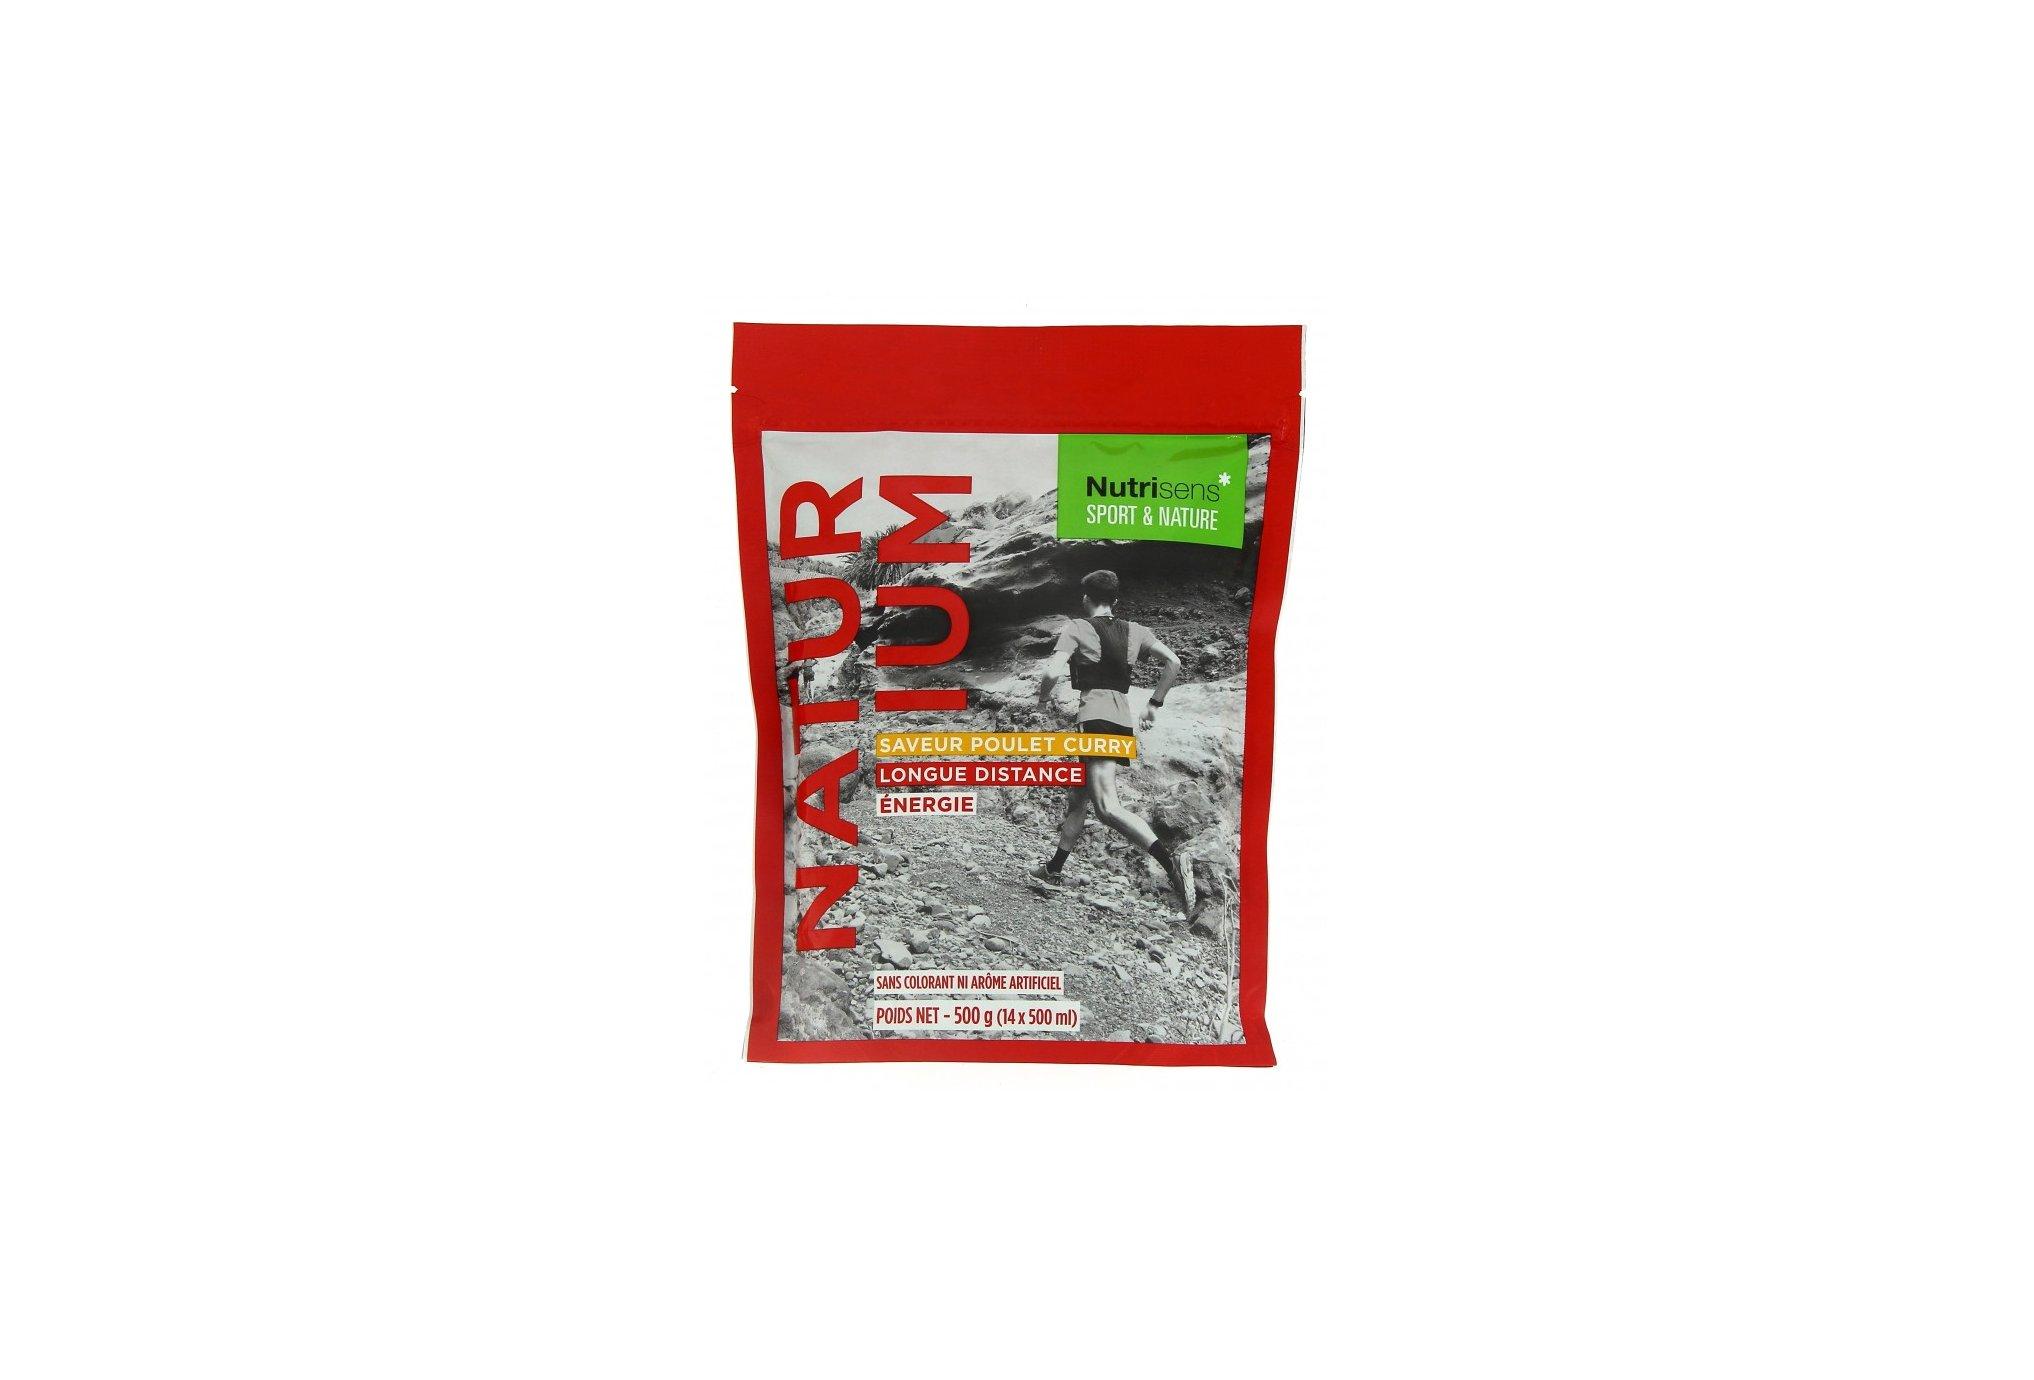 Nutrisens Sport naturium - poulet curry diététique boissons